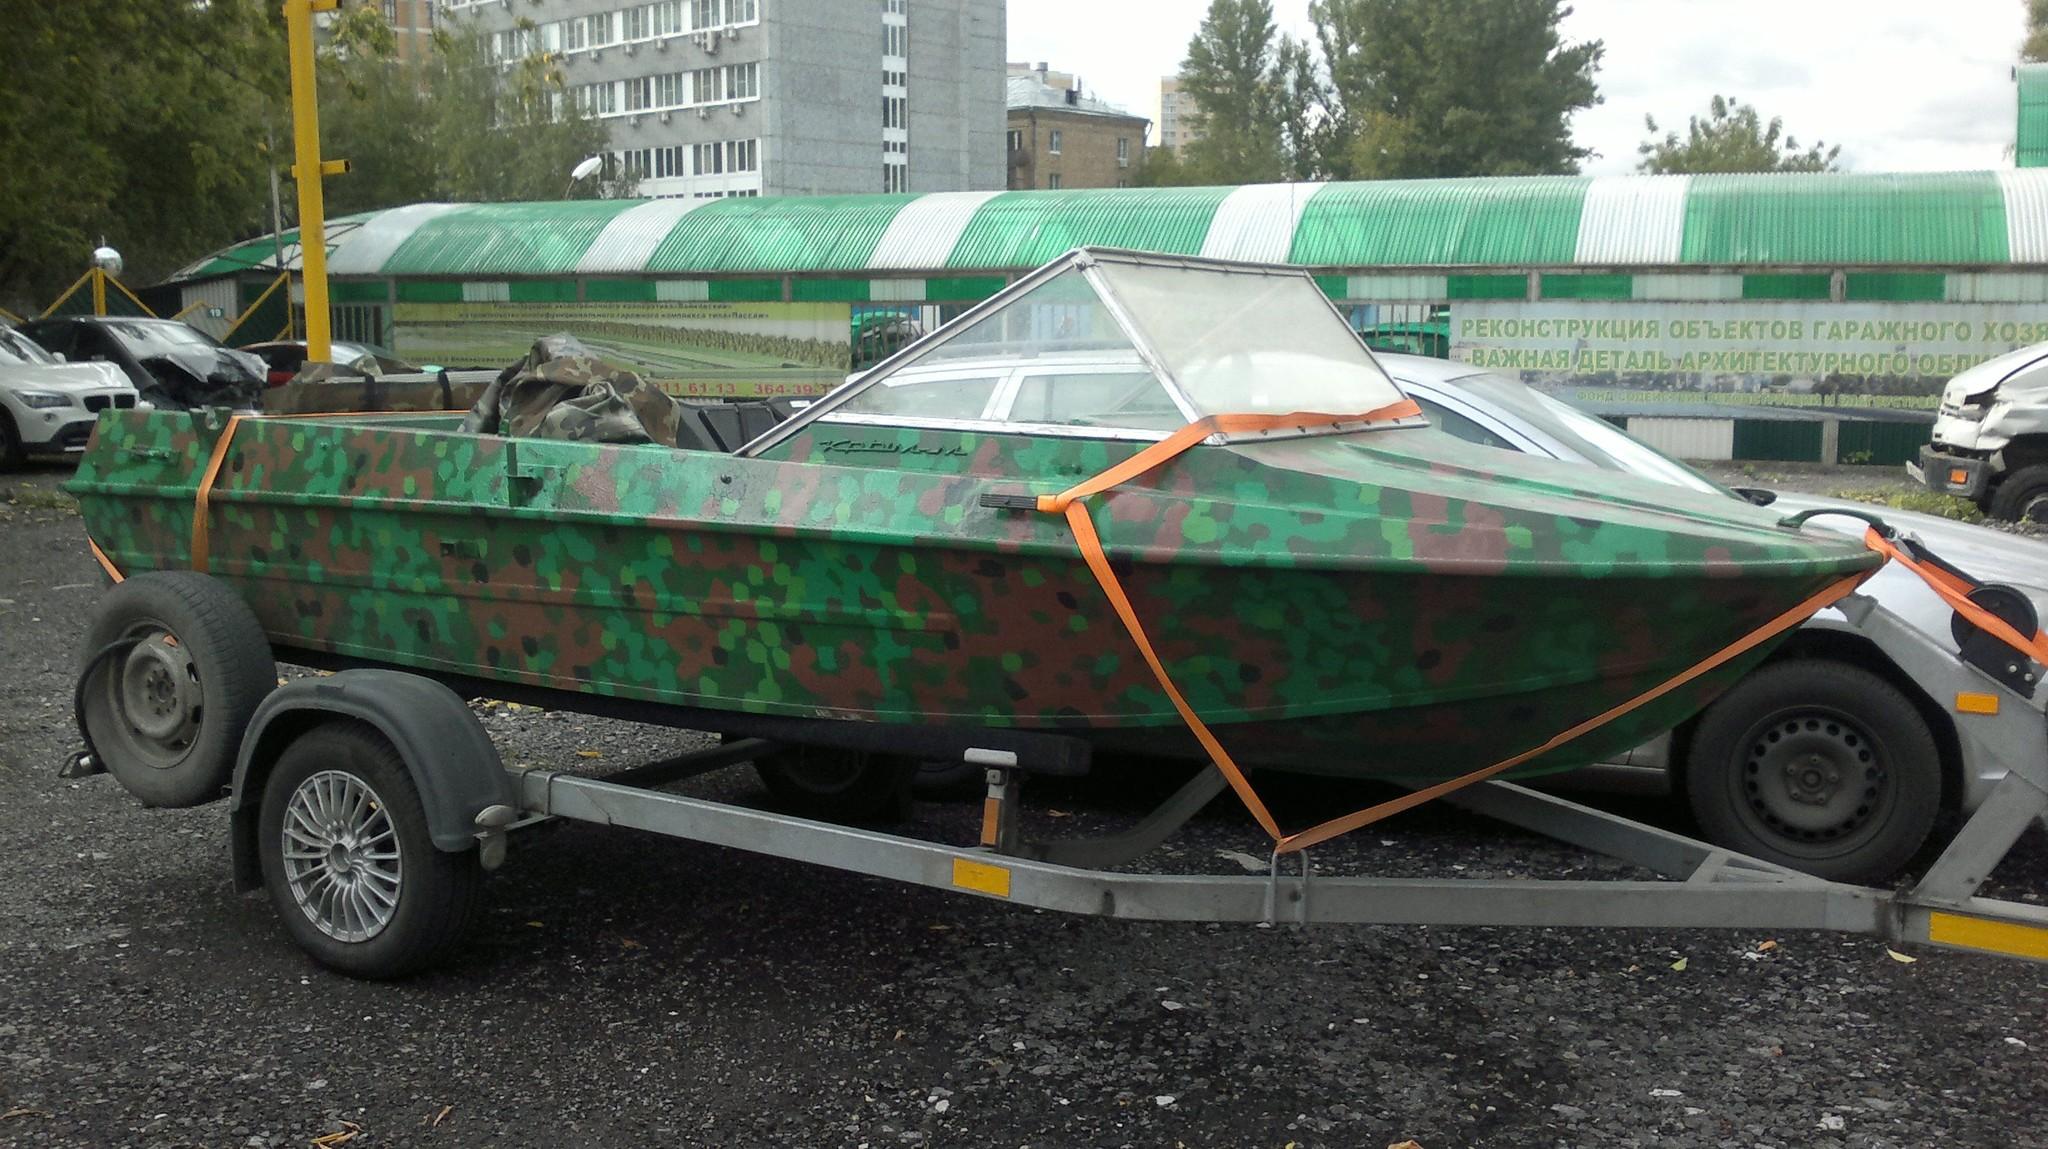 Покраска лодки в камуфляж своими руками фото 633